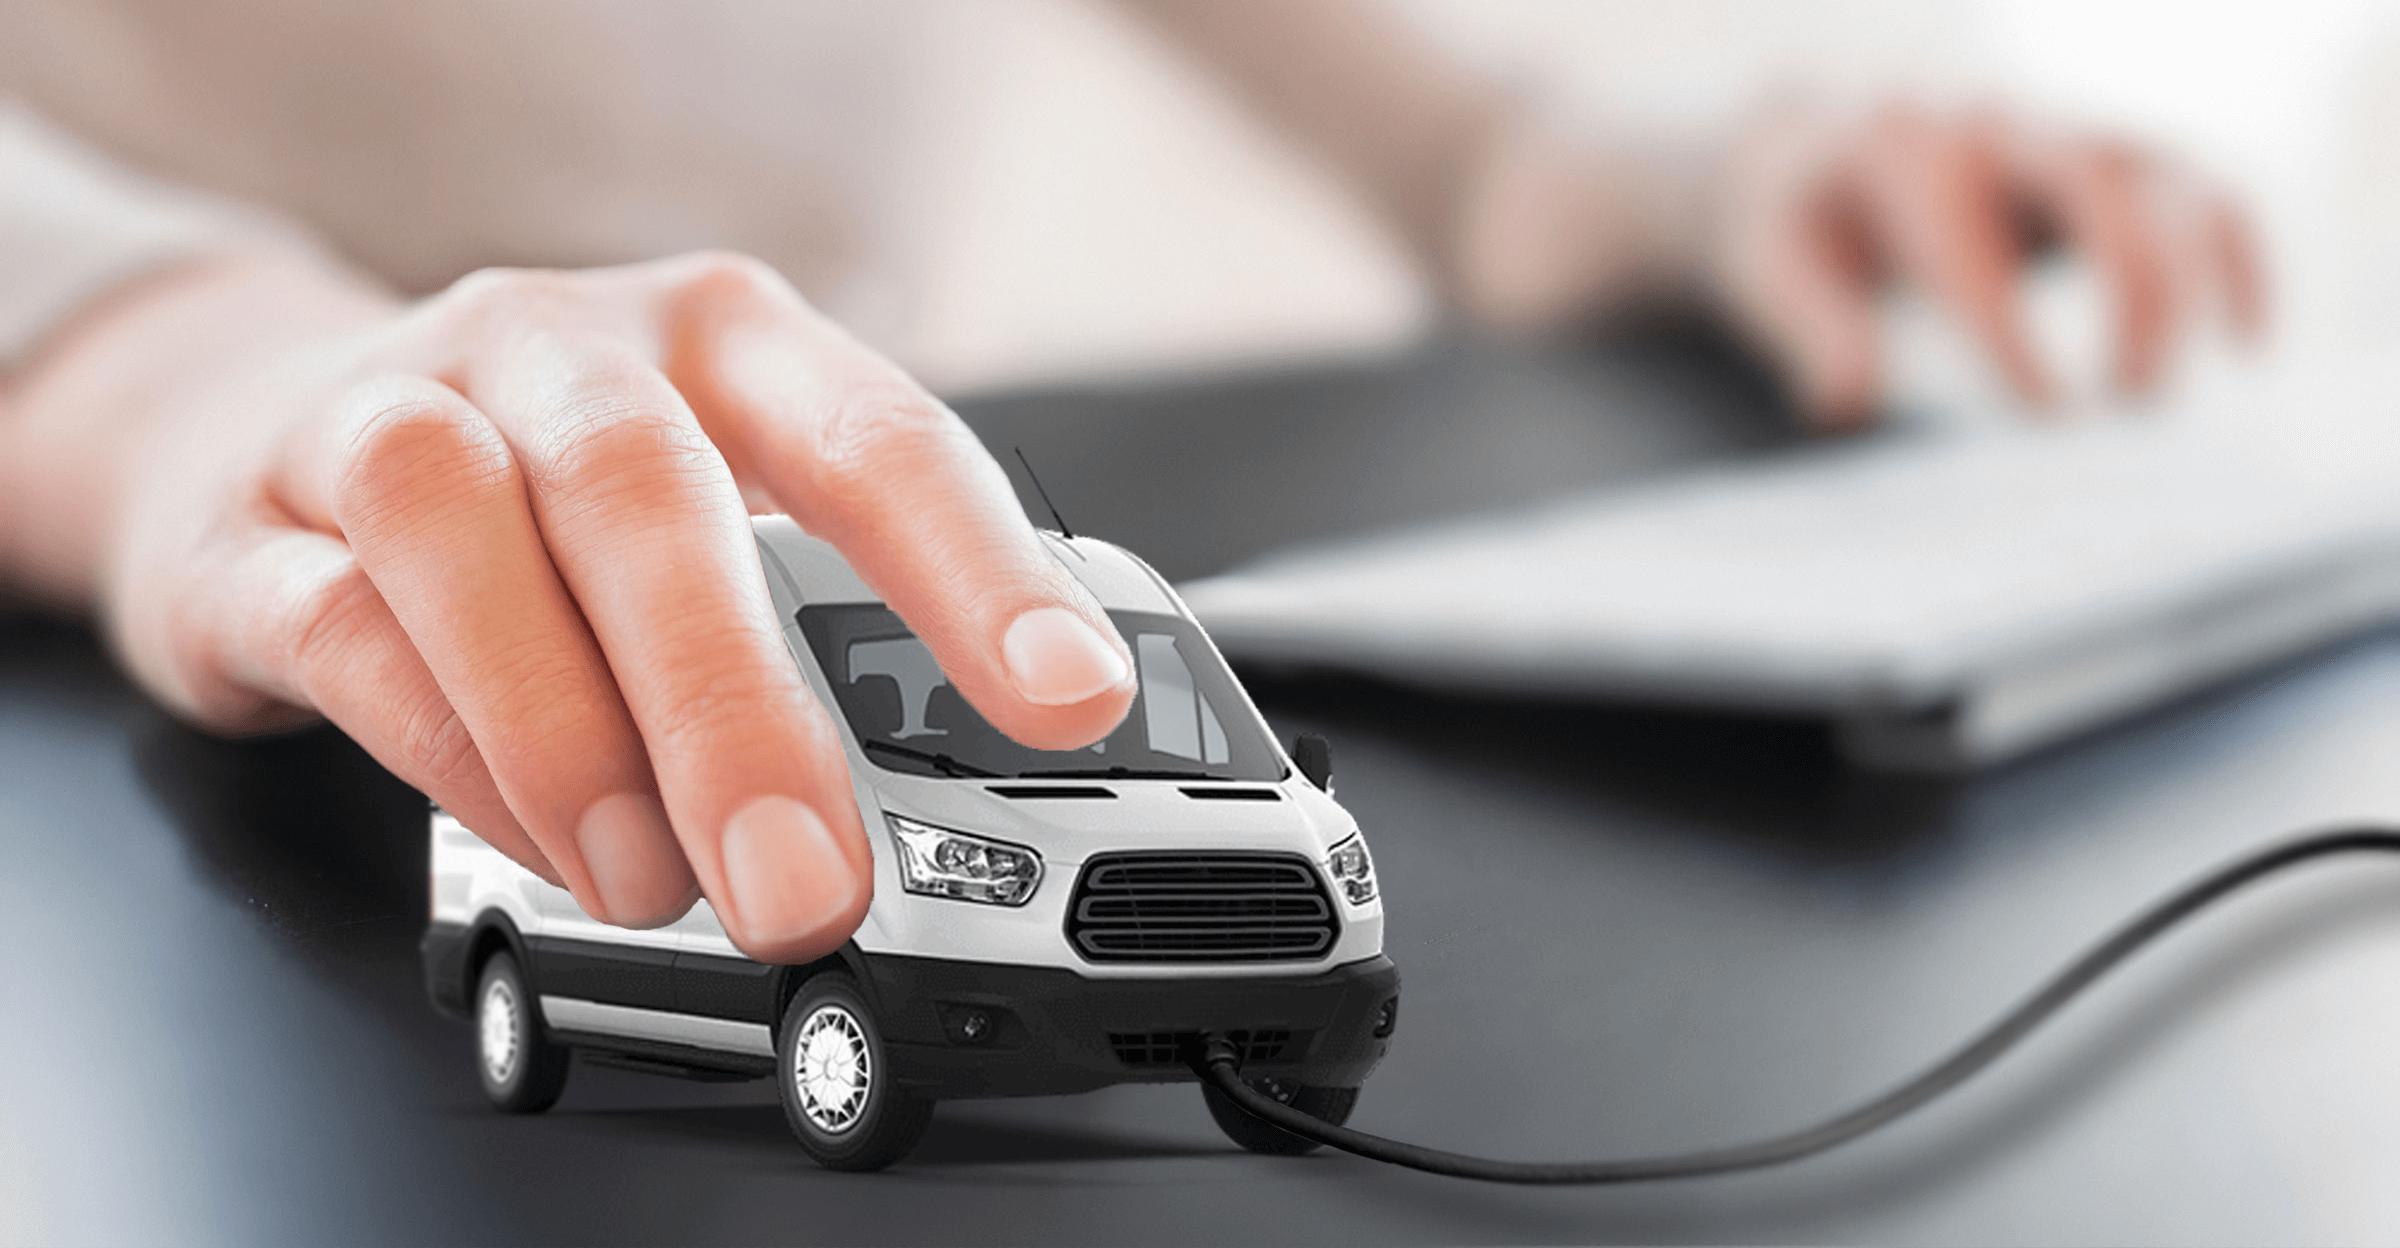 Servis Firmaları Dijital Dönüşüme Hazır